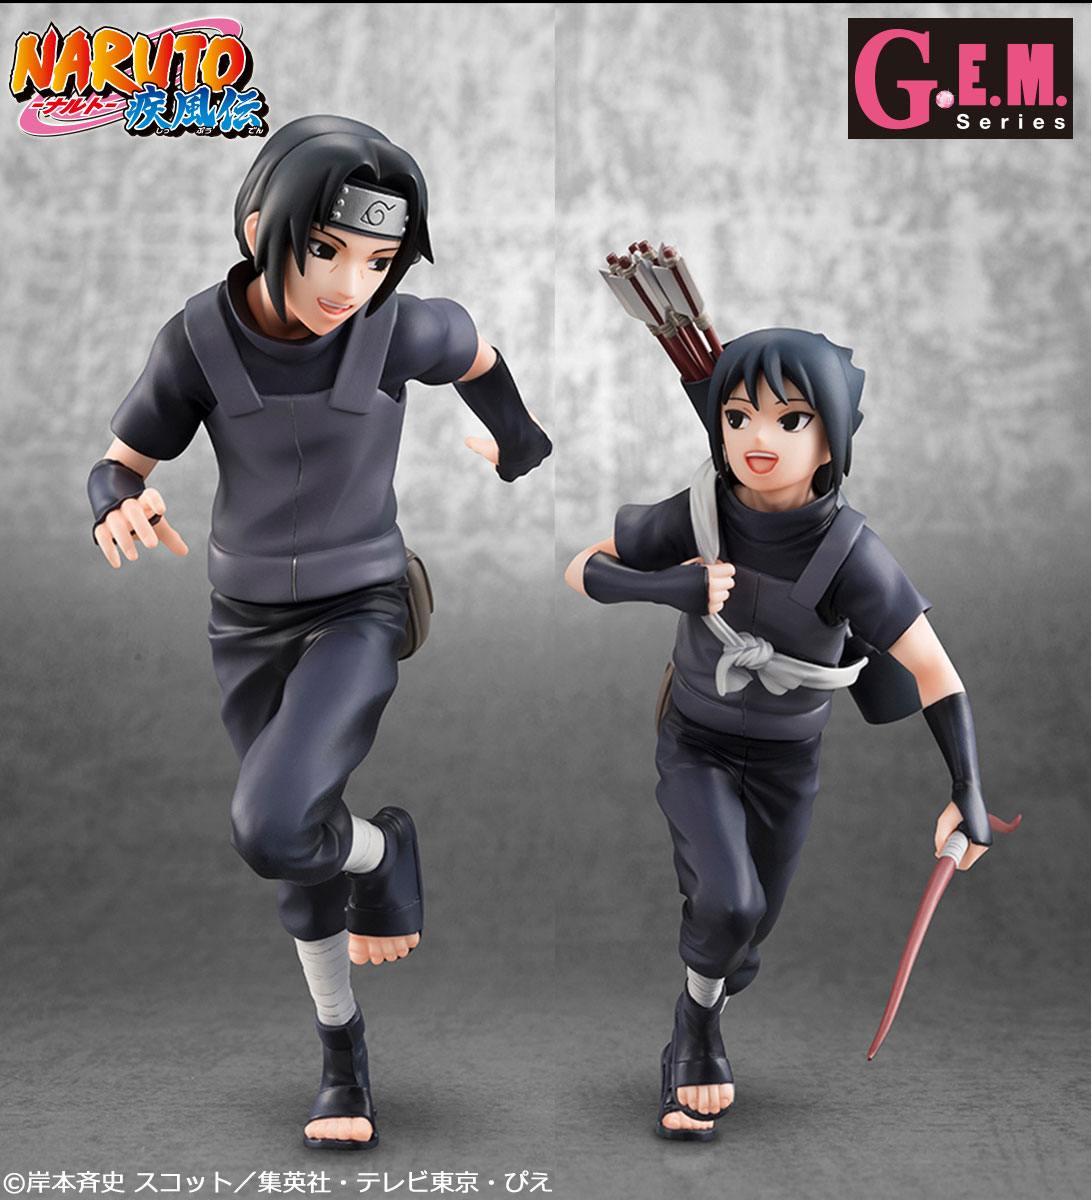 Naruto Shippuden G.E.M. Series PVC Statues Uchiha Itachi & Sasuke 16 - 18 cm